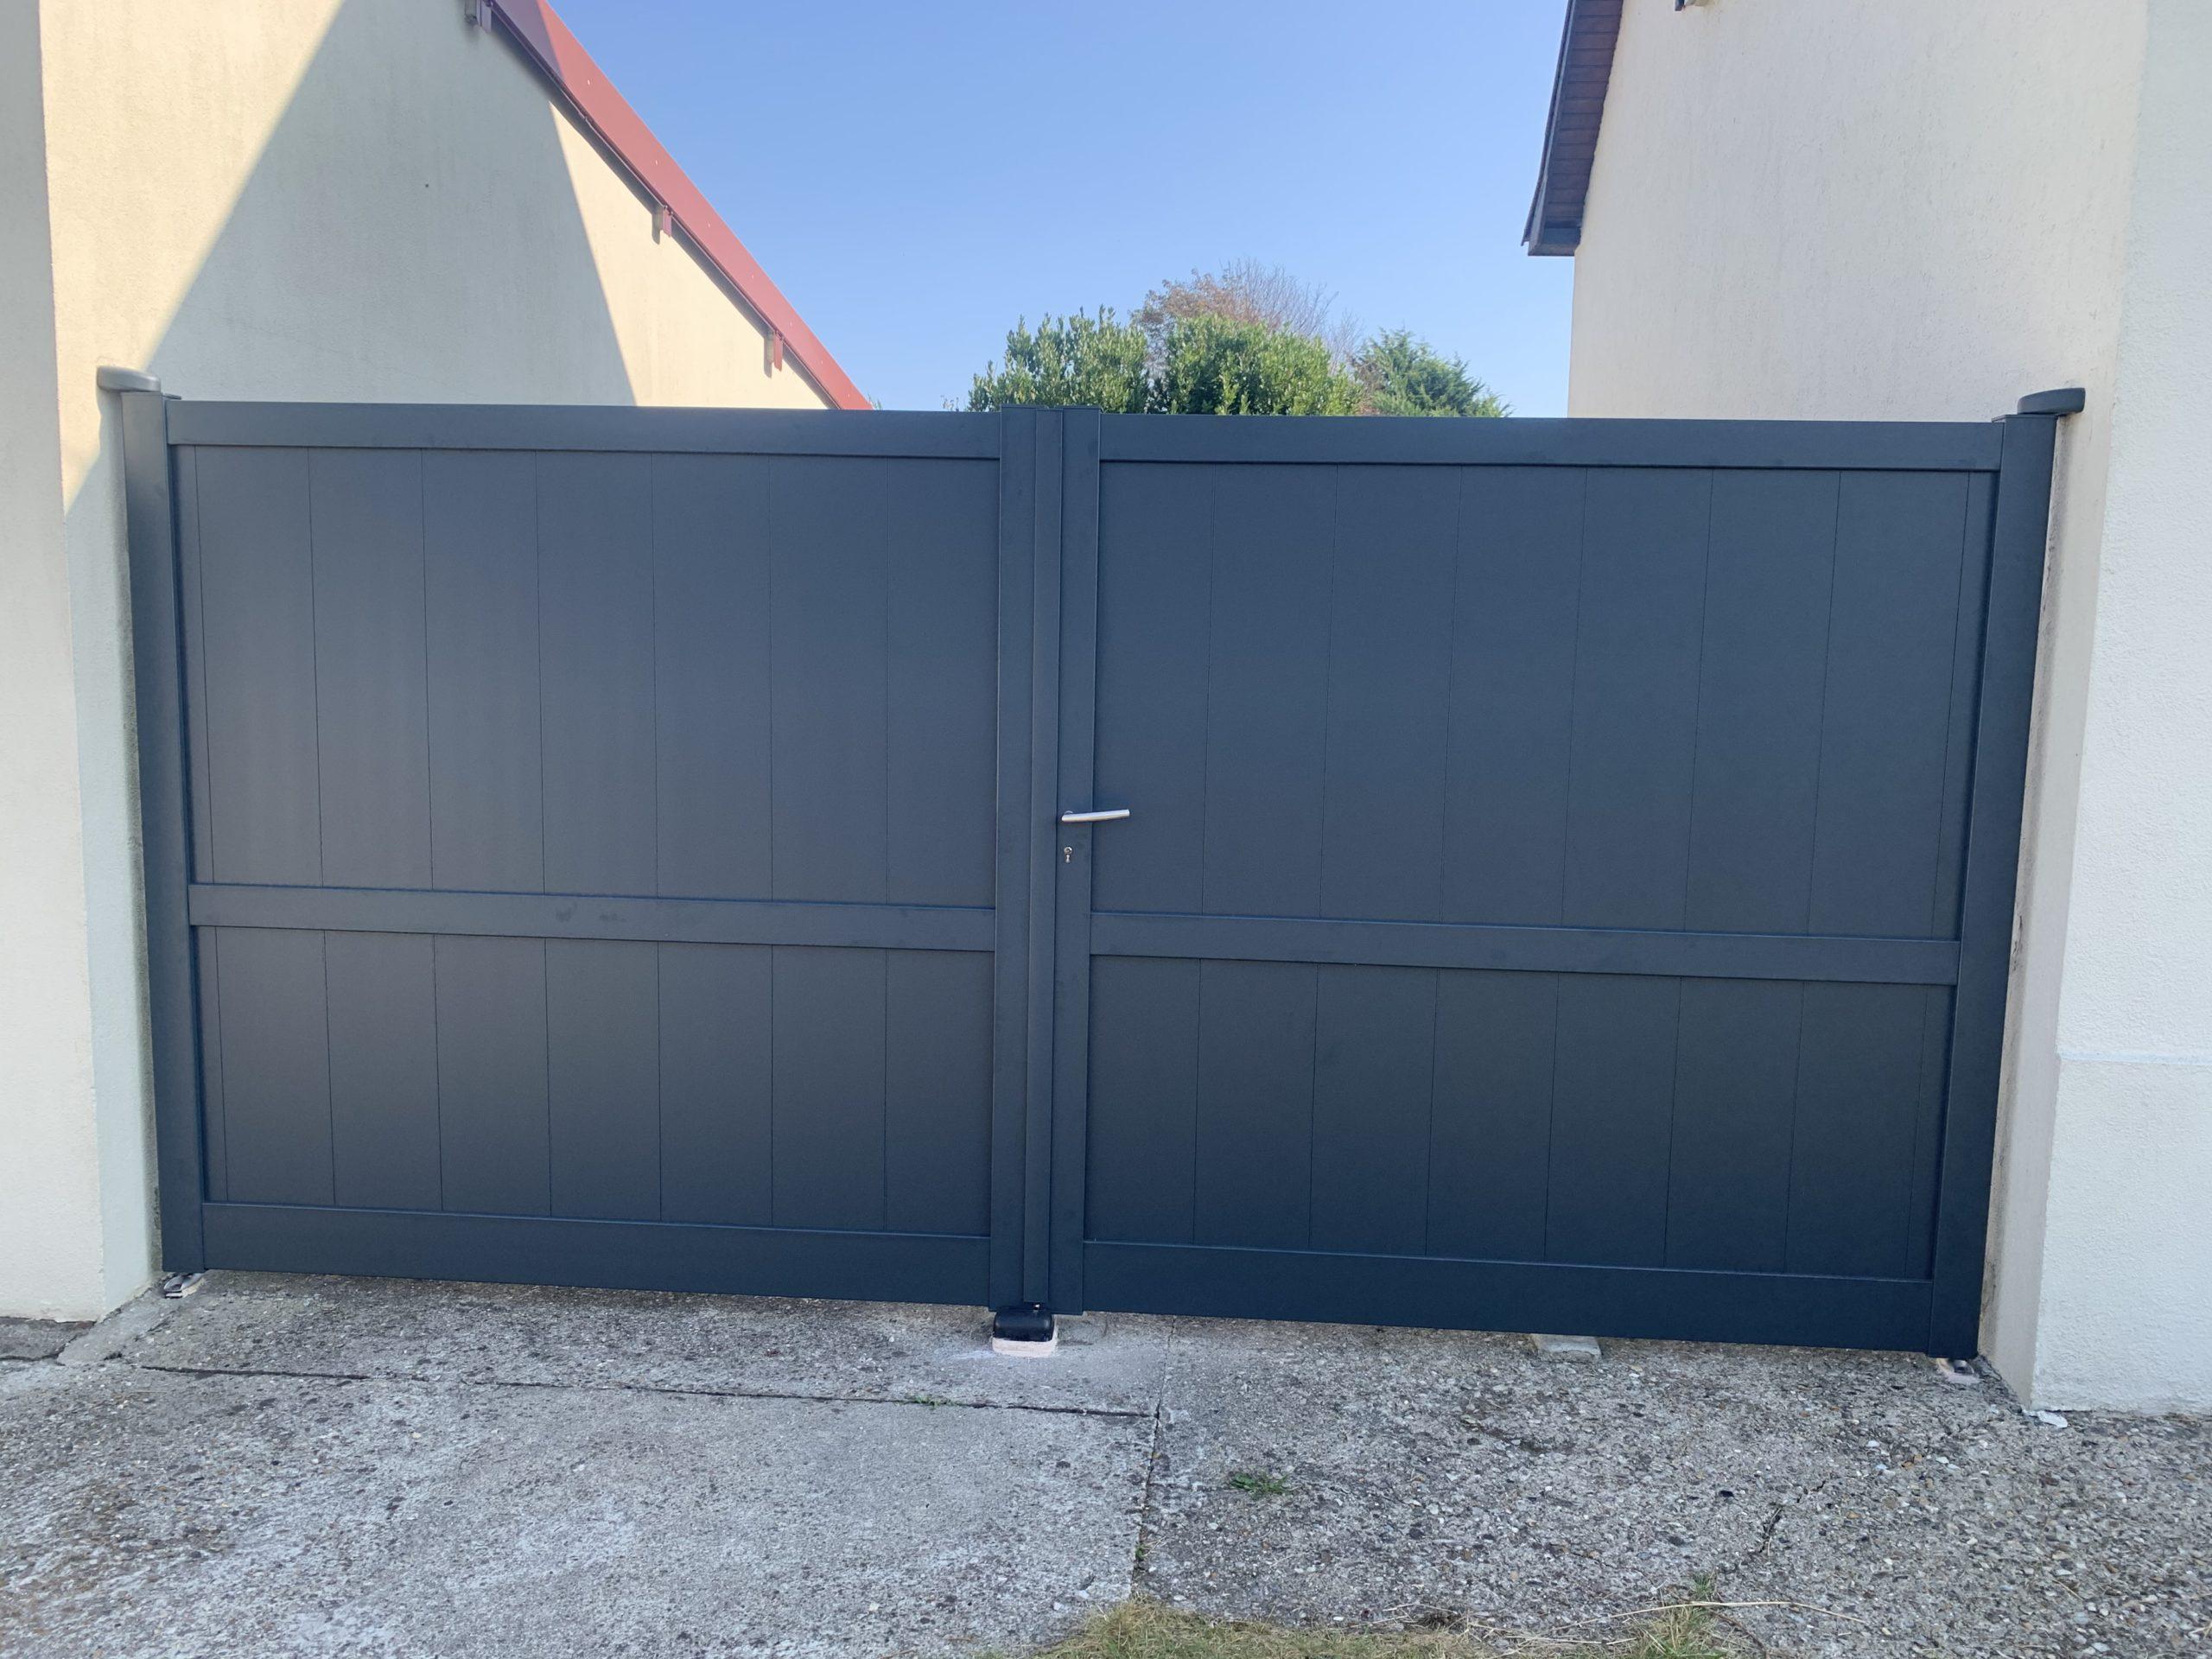 Portail plein en aluminium, pose entre murs -Le CROTOY-80